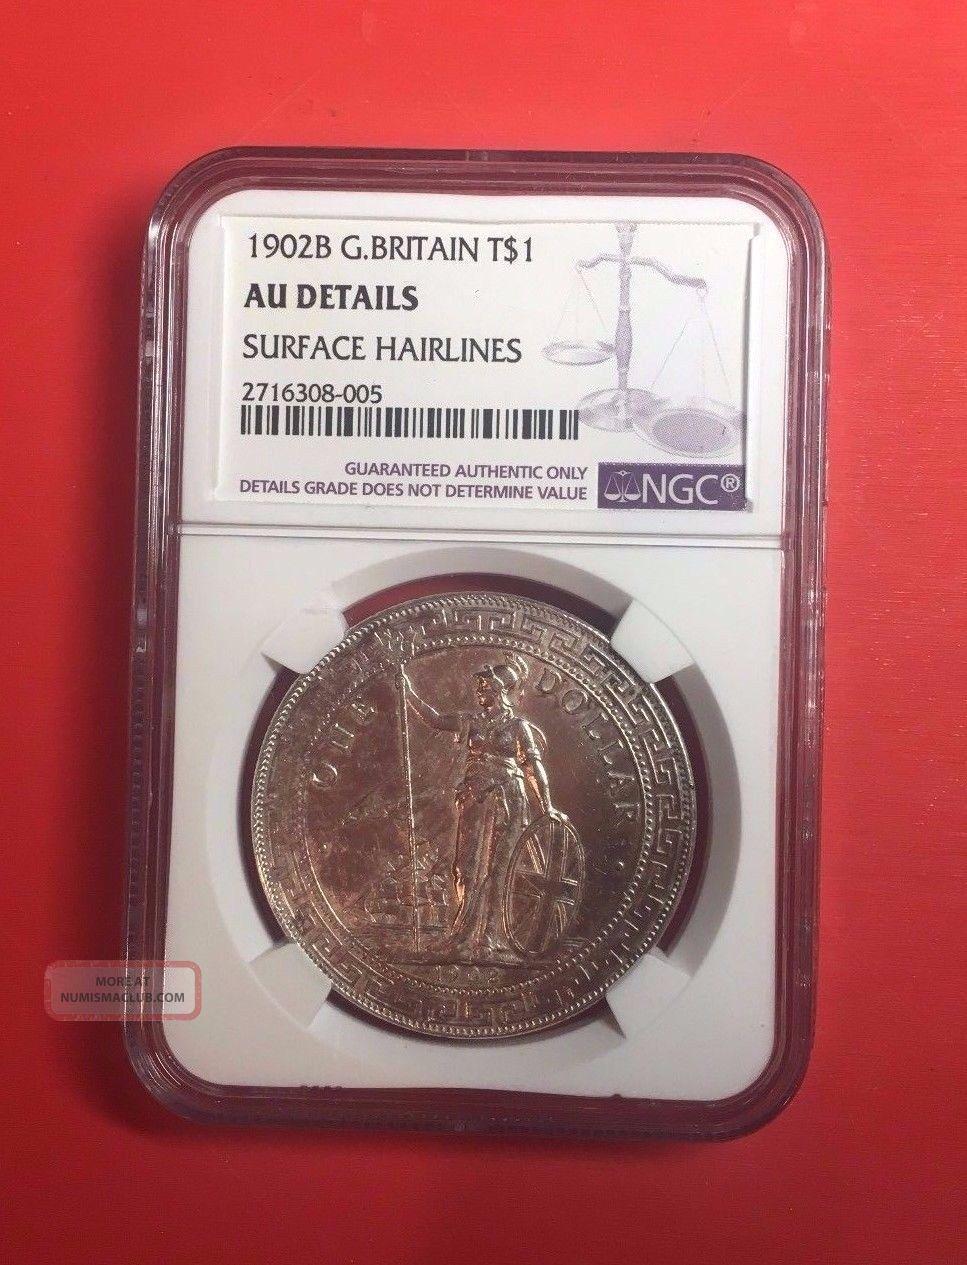 Great Britain China Hong Kong Trade Dollar 1902b Ngc Au Details Coin UK (Great Britain) photo